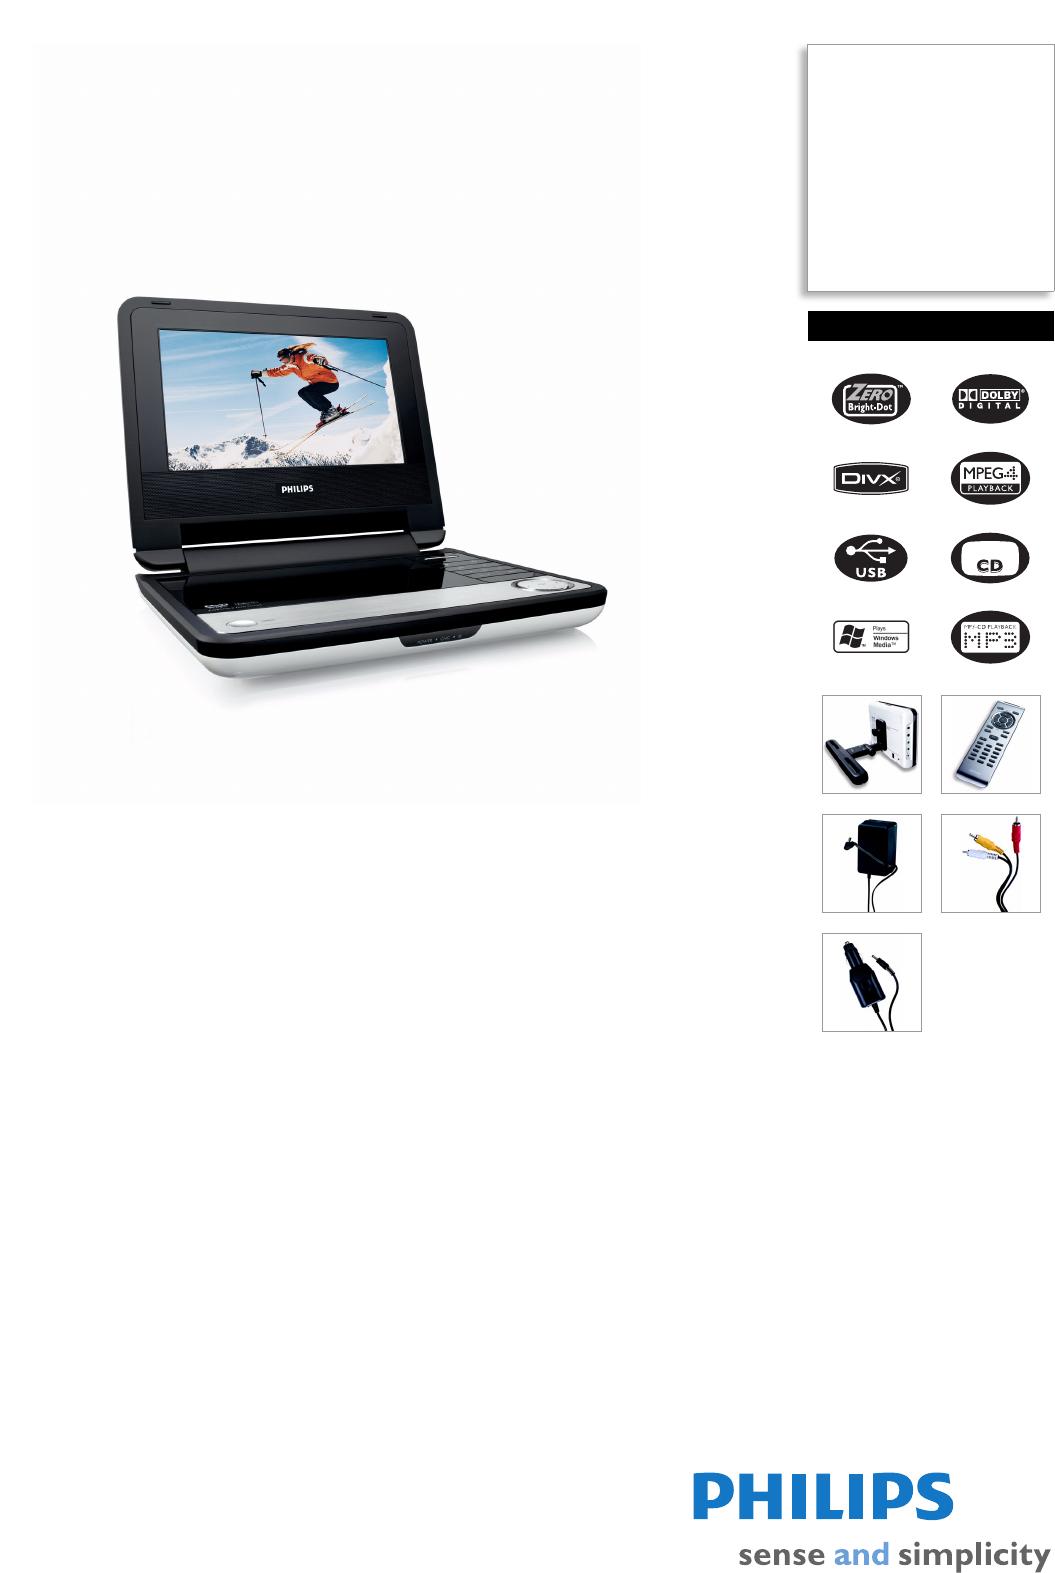 philips portable dvd player pet730 00 user guide manualsonline com rh powertool manualsonline com philips portable dvd player manual pet741 37 philips portable dvd player dcp 750 37 manual